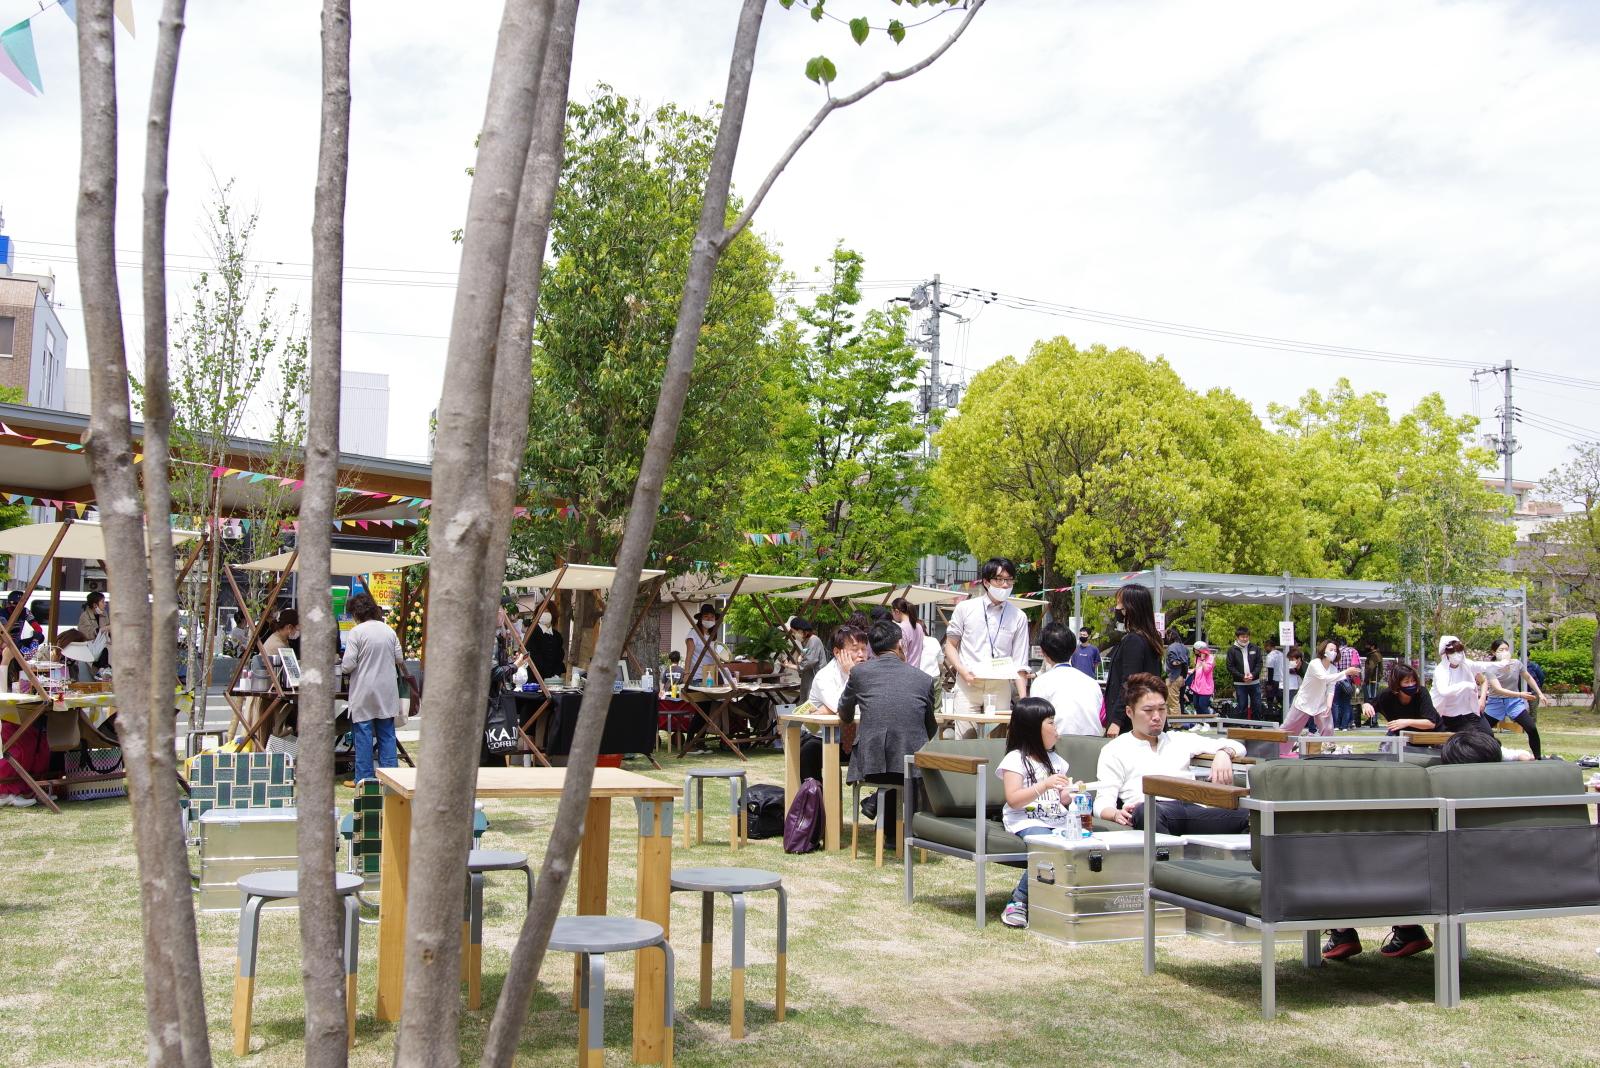 芝生の広場にはソファやテーブルなどが設置され、自由に利用できる